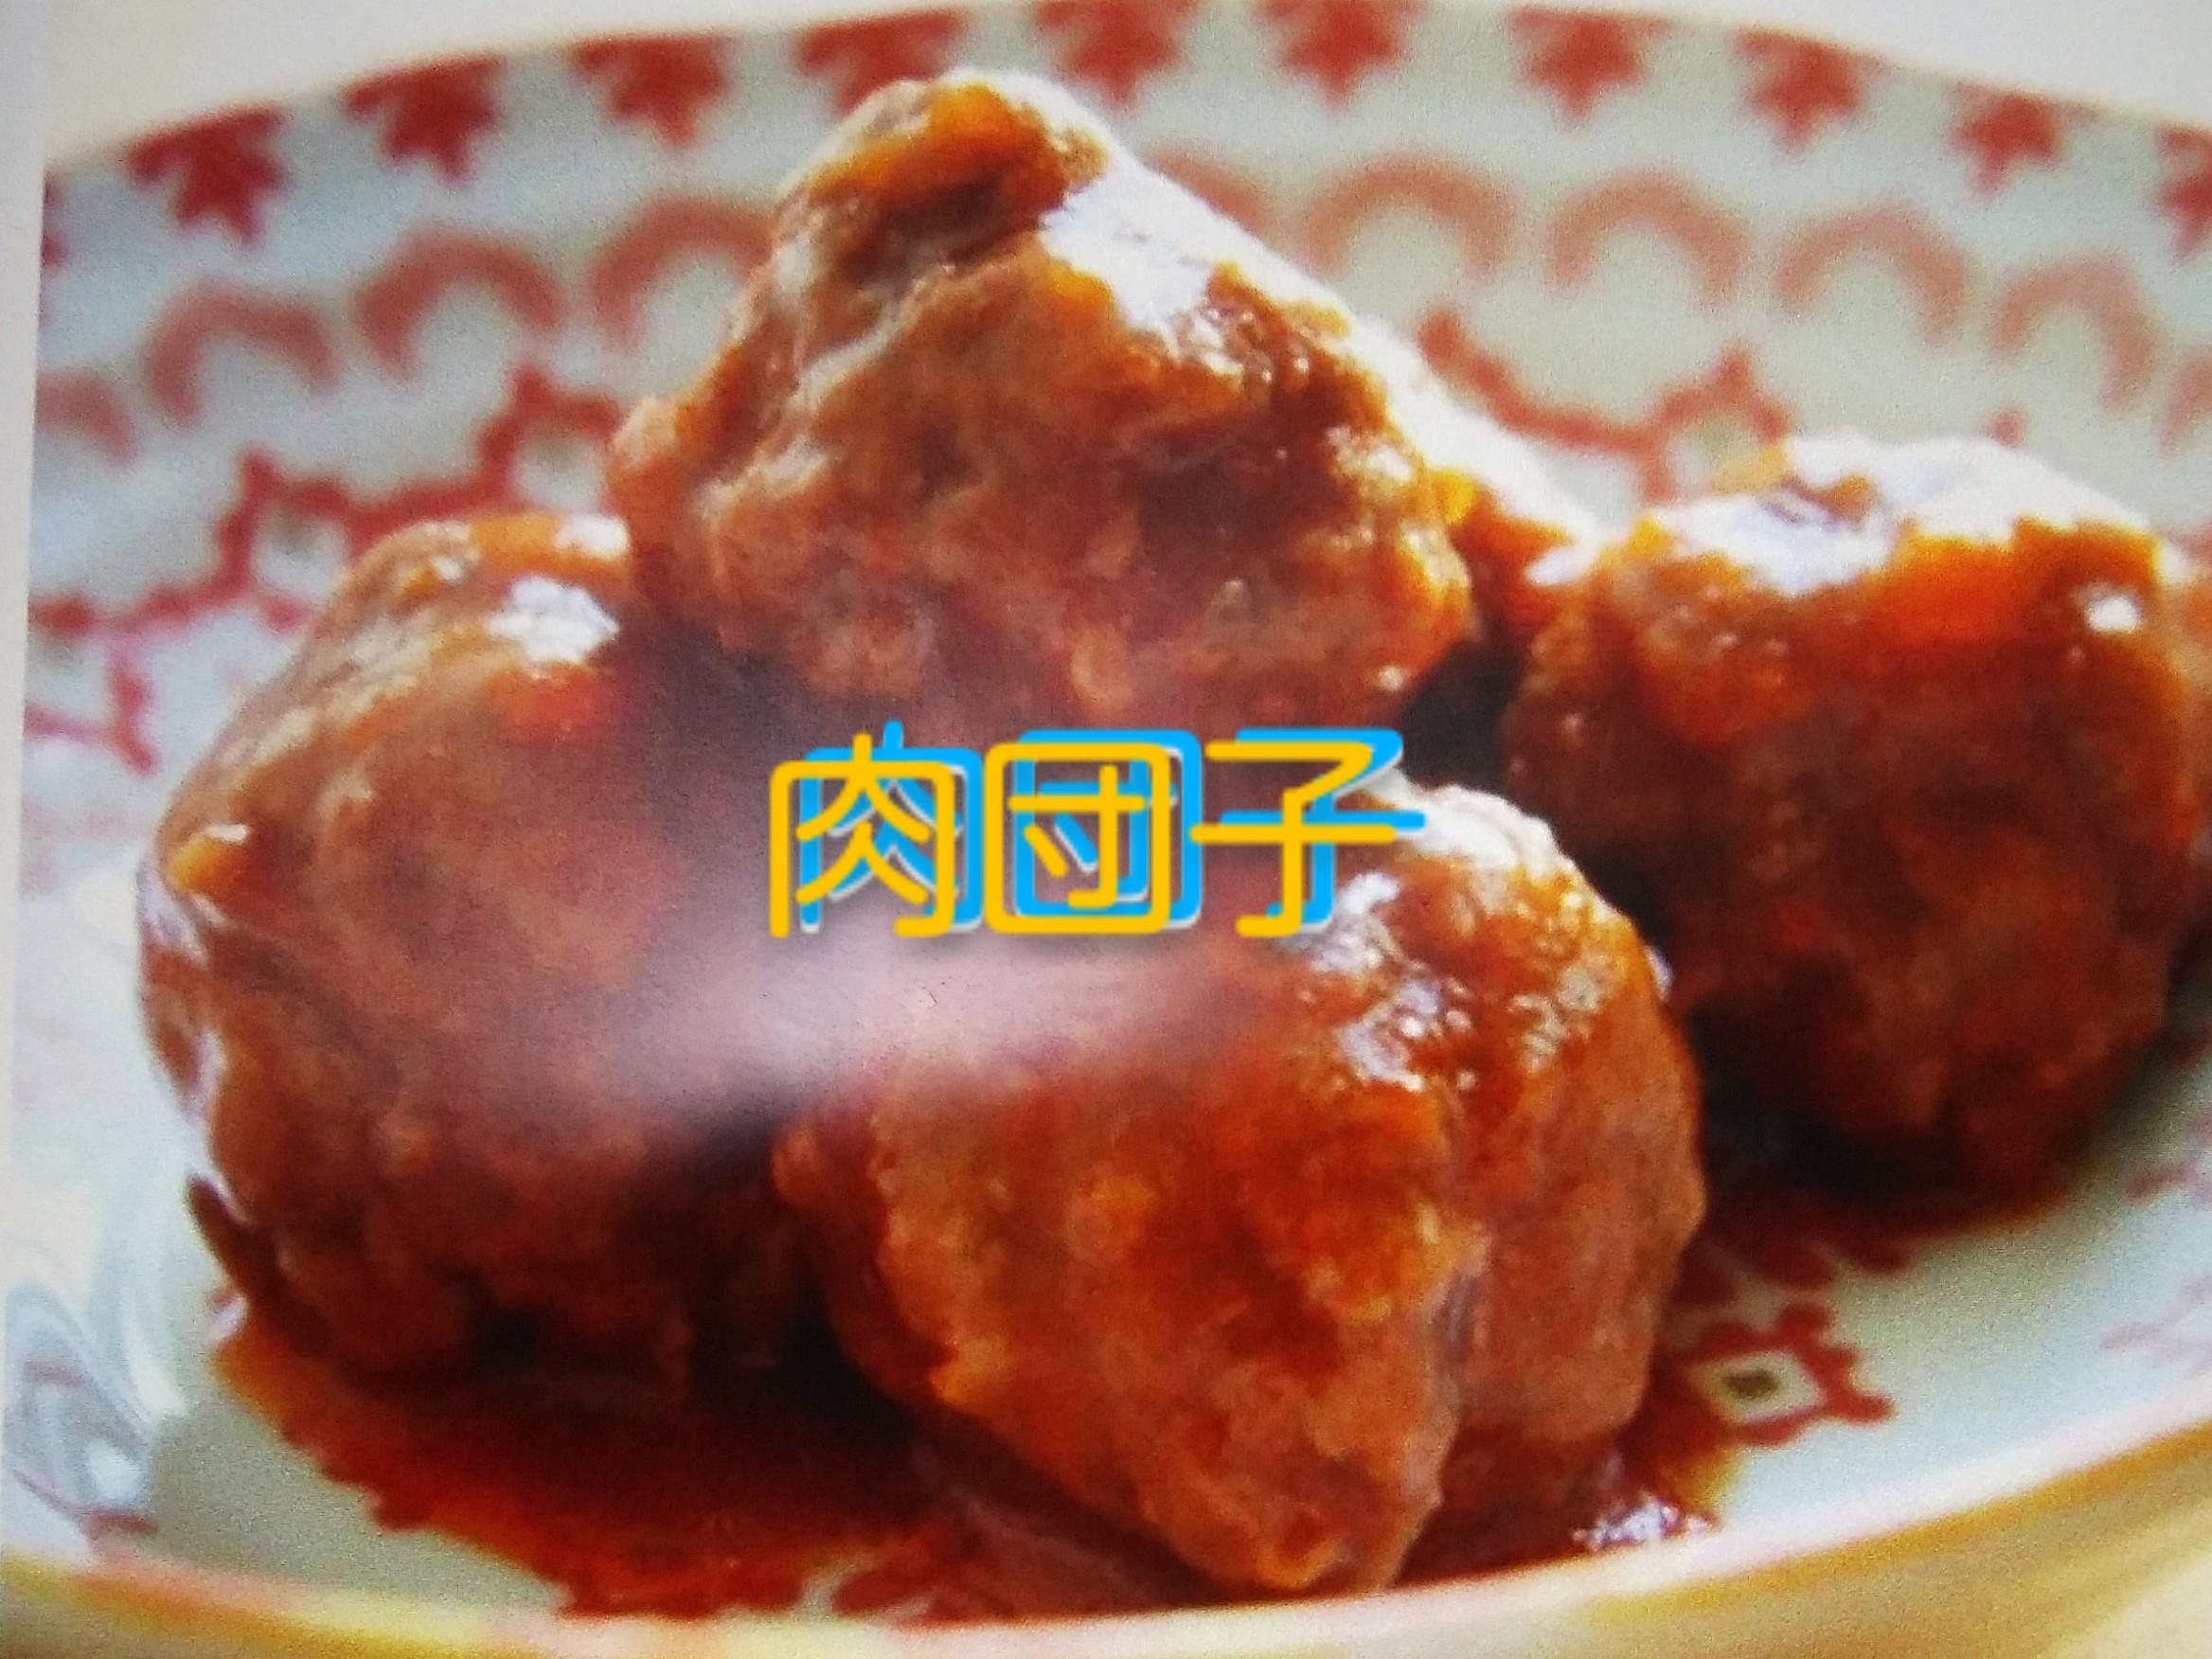 セブンの甘酢肉団子が最強に美味しい!アレンジ方法も豊富って....?35